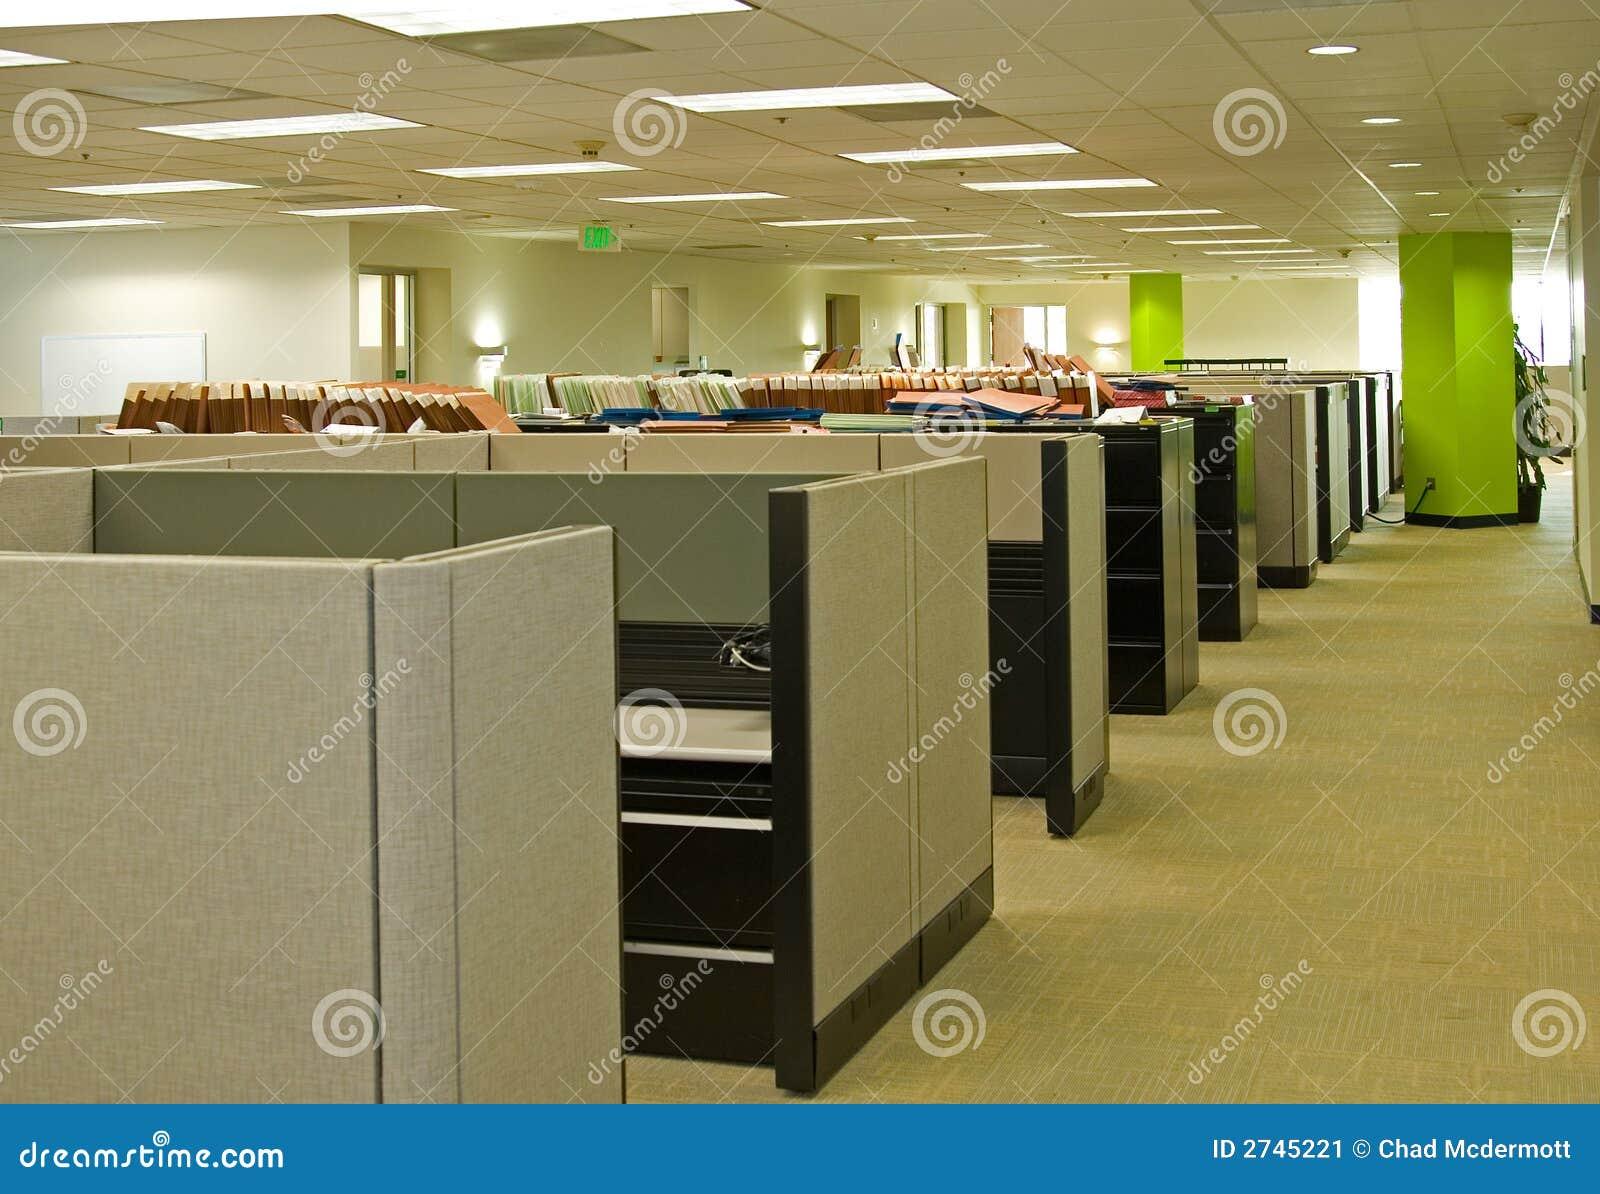 Espacios de oficina imagen de archivo imagen 2745221 for Espacios de oficina